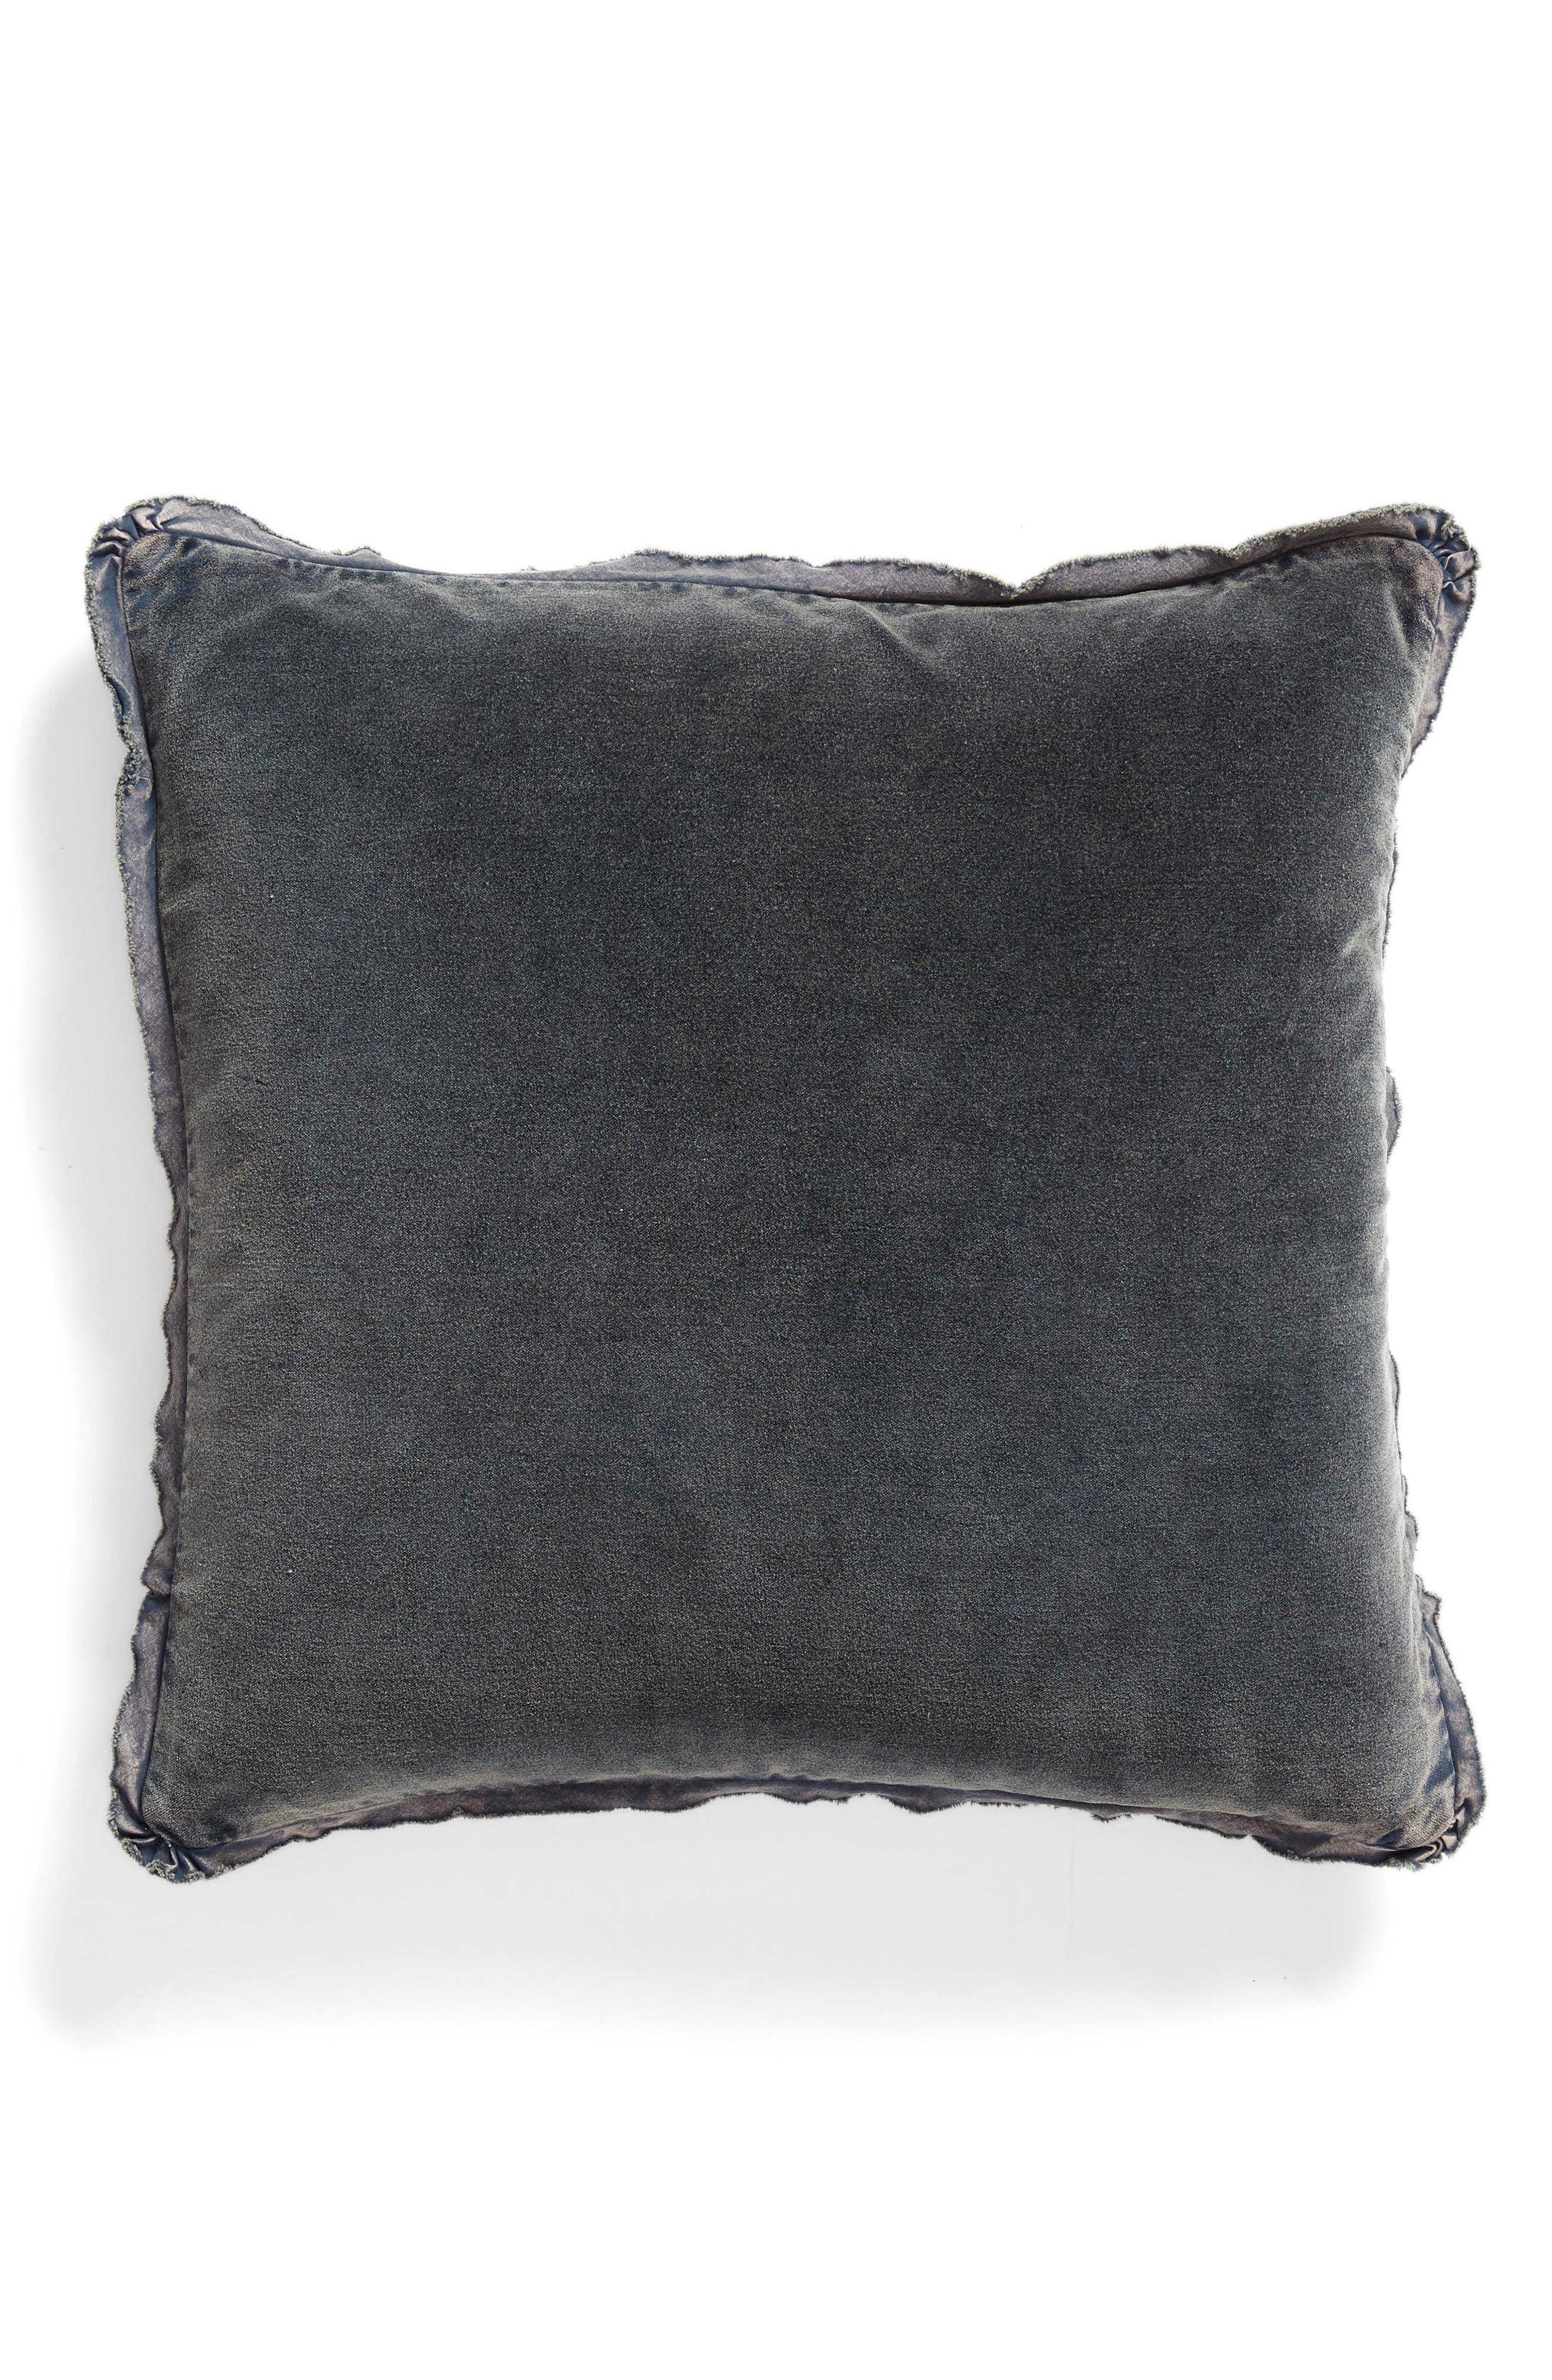 Stonewash Velvet Accent Pillow,                             Main thumbnail 1, color,                             NAVY BLUE